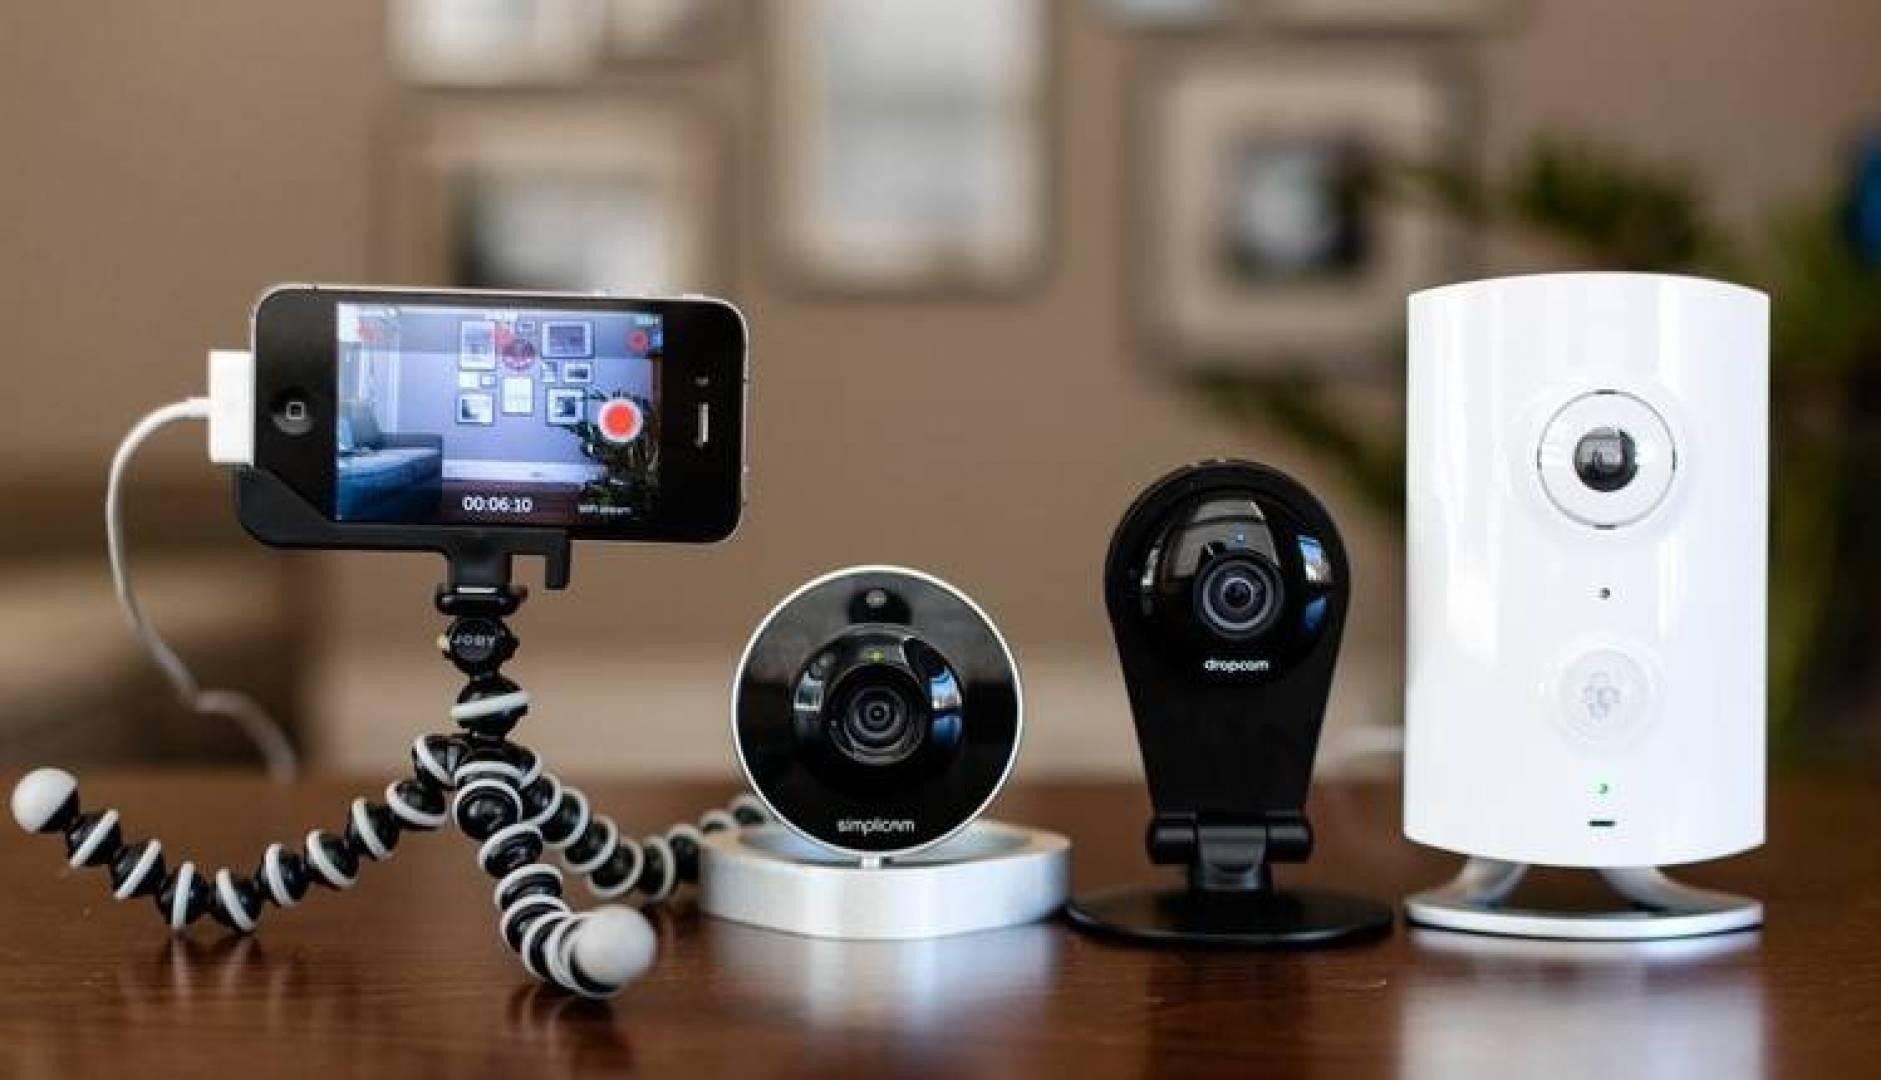 مشاهدة كاميرات المراقبة عبر الموبايل